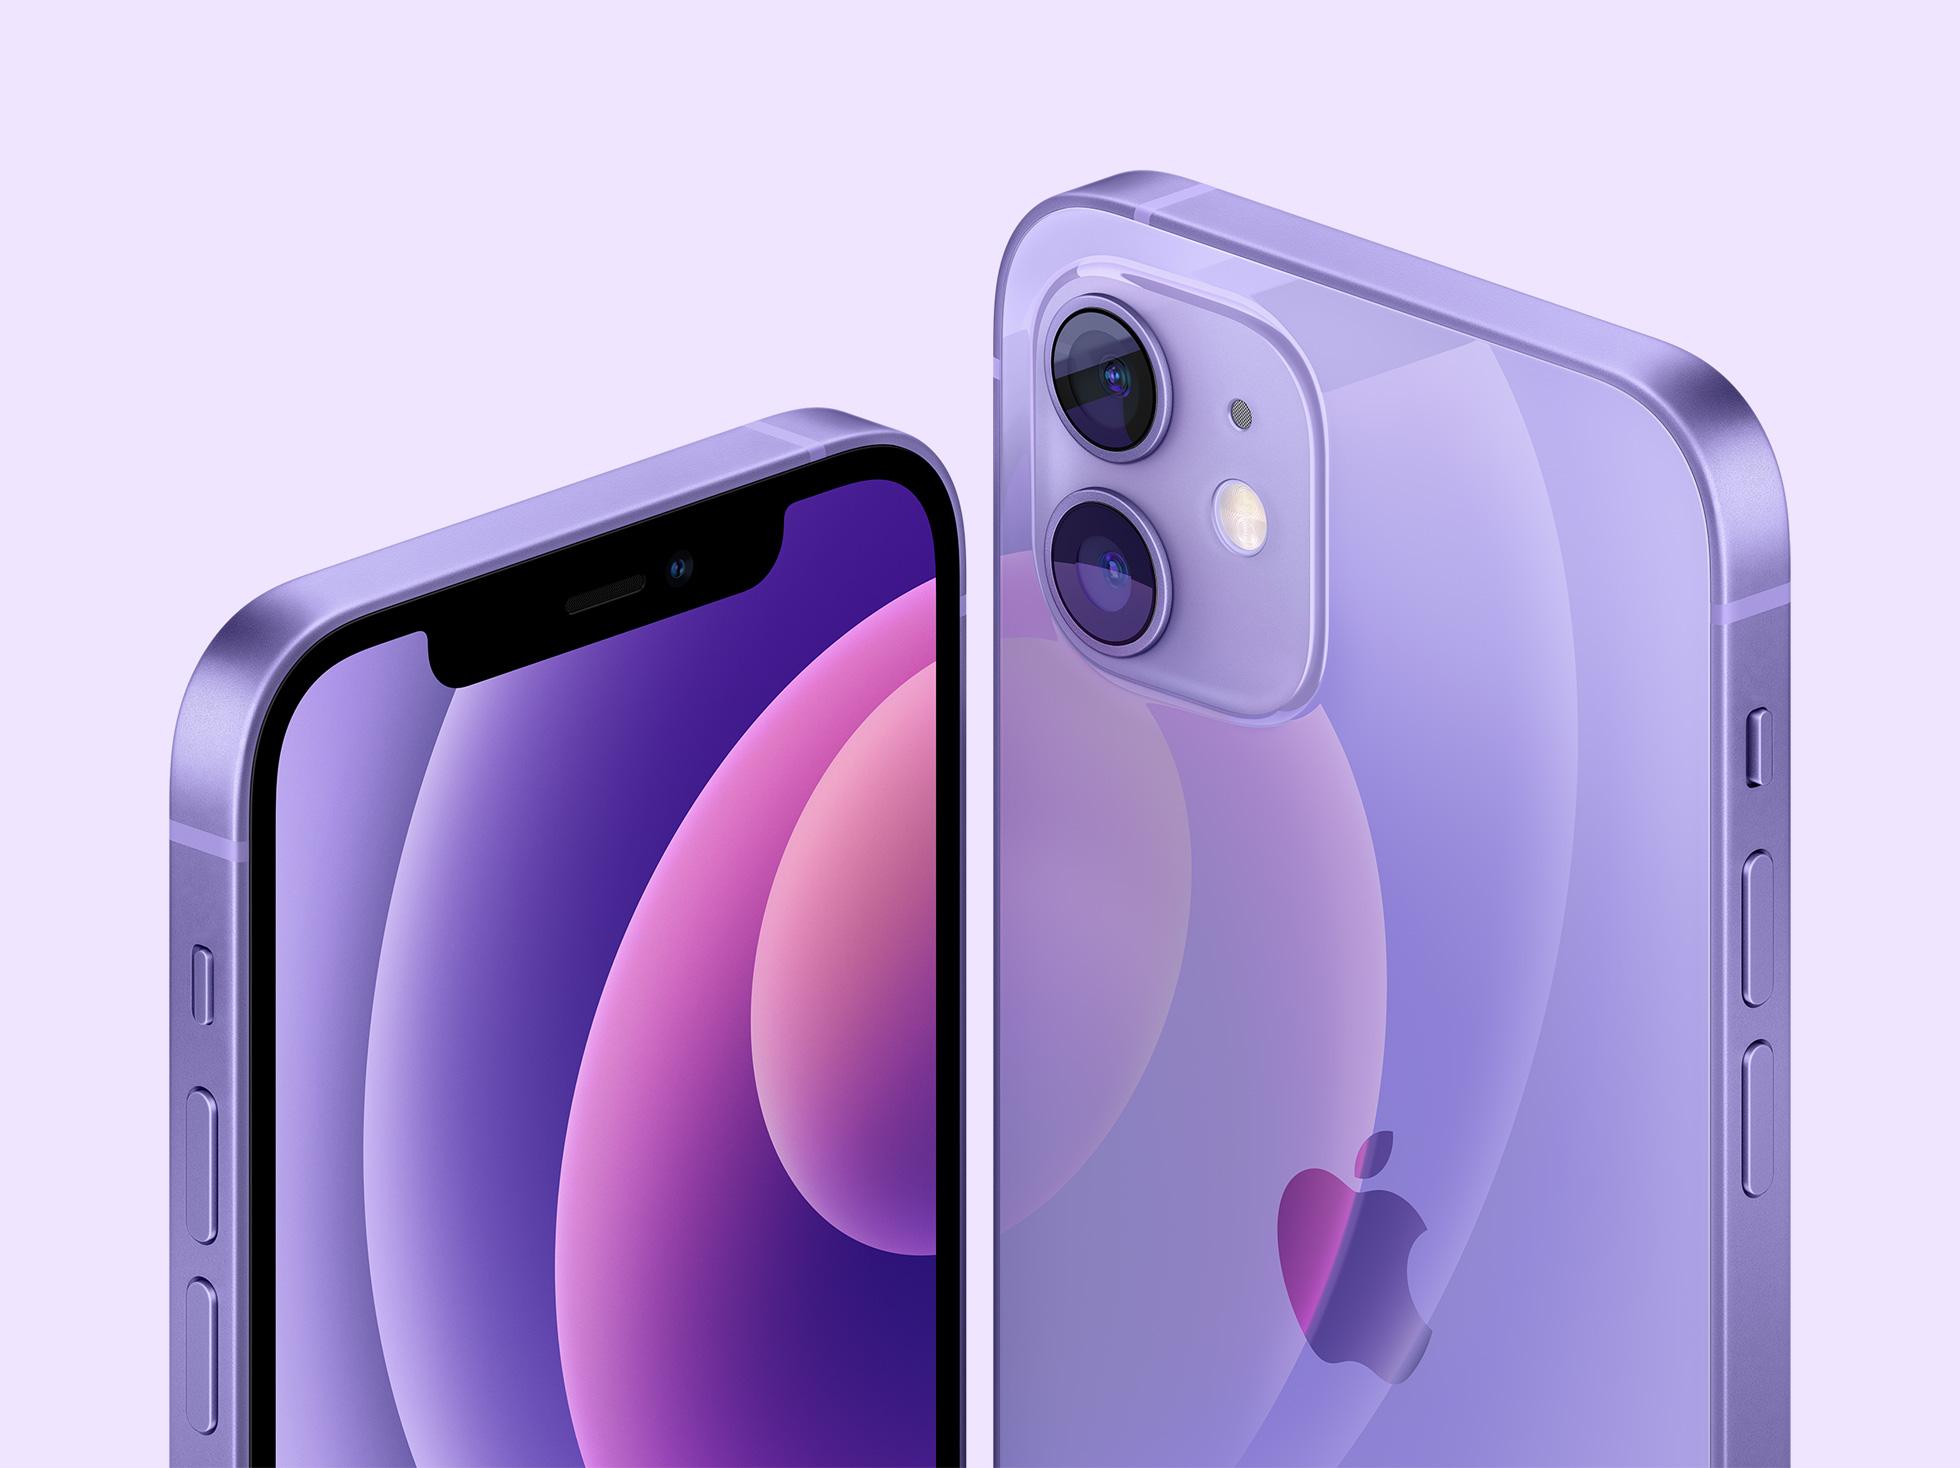 Apple представила iPhone 12 и iPhone 12 mini в новом фиолетовом цвете